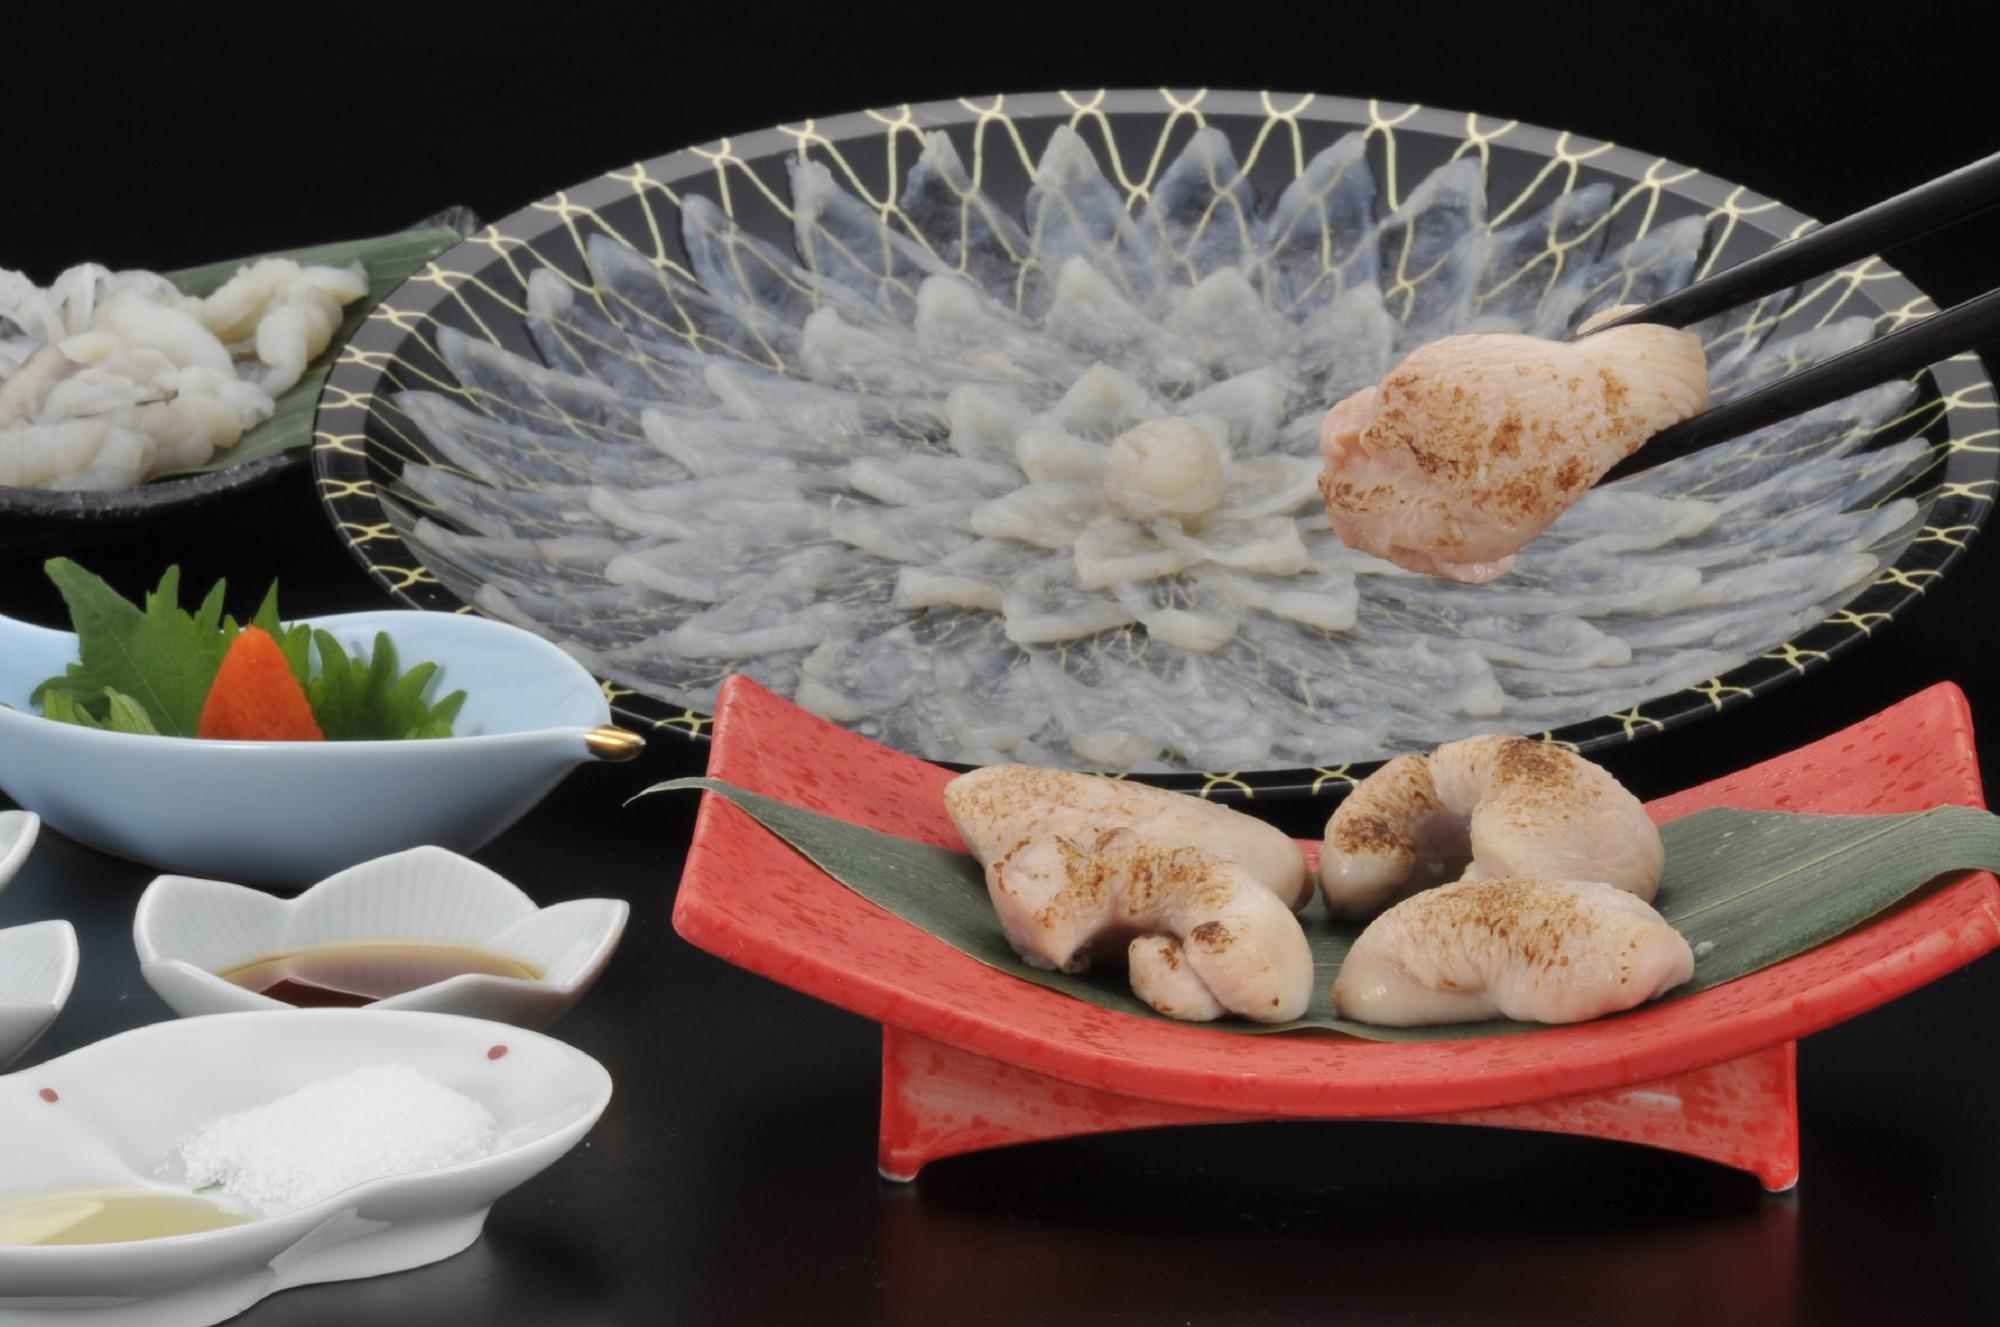 7,5 triệu đồng/100g thịt, ai mà ngờ loại cá vừa xấu xí vừa cực độc này lại đáng giá ở Nhật Bản đến thế-9